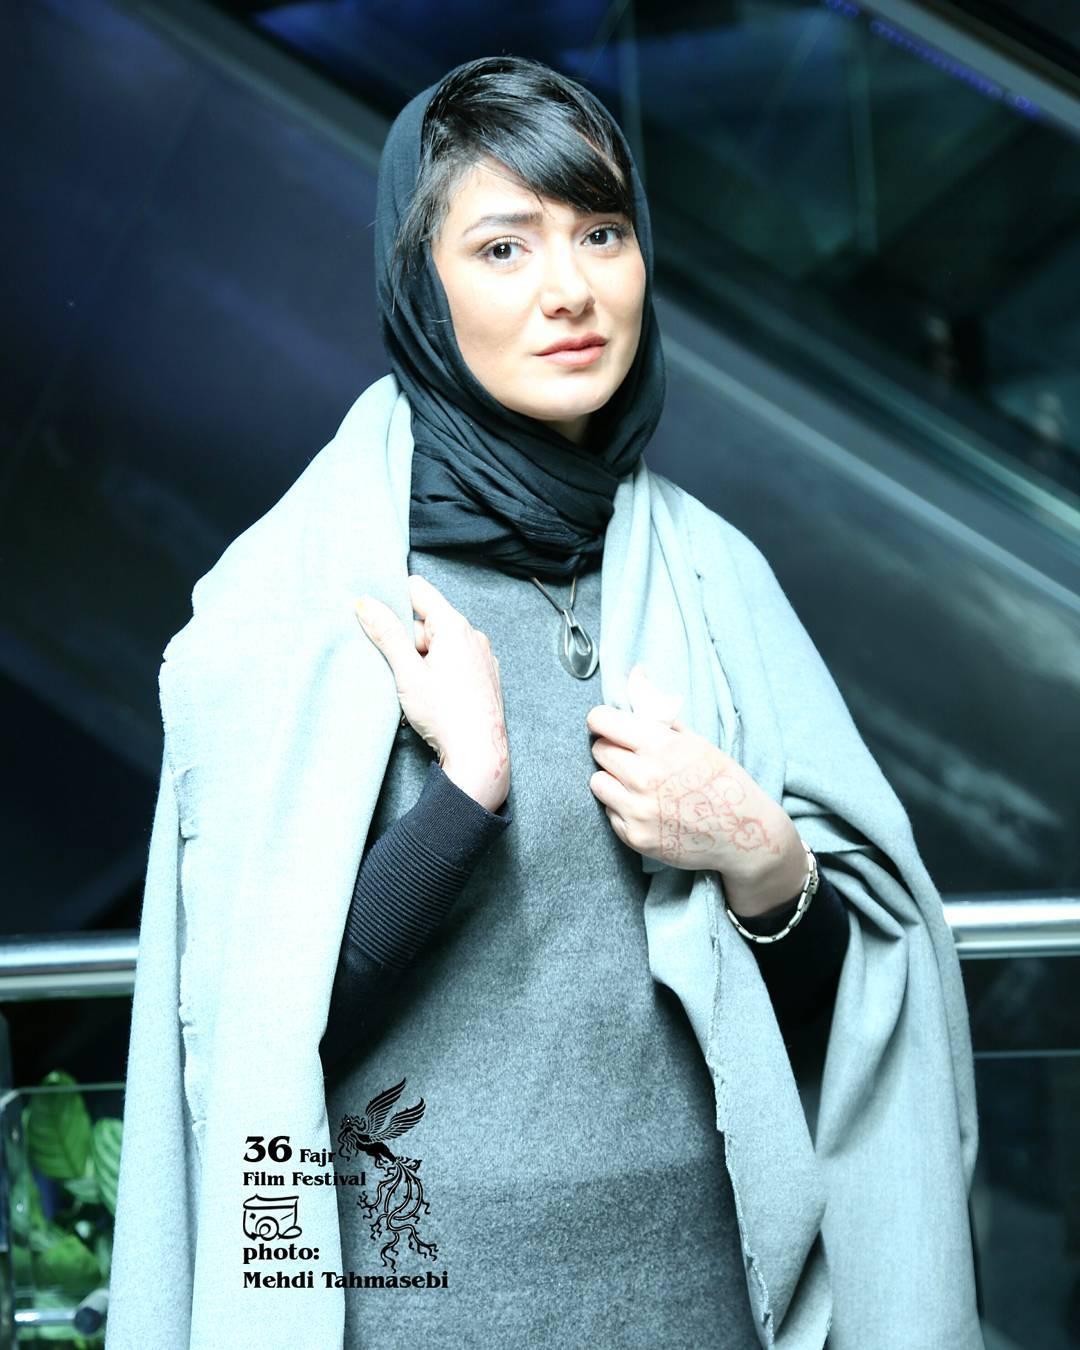 مینا وحید در 36 جشنواره فیلم فجر